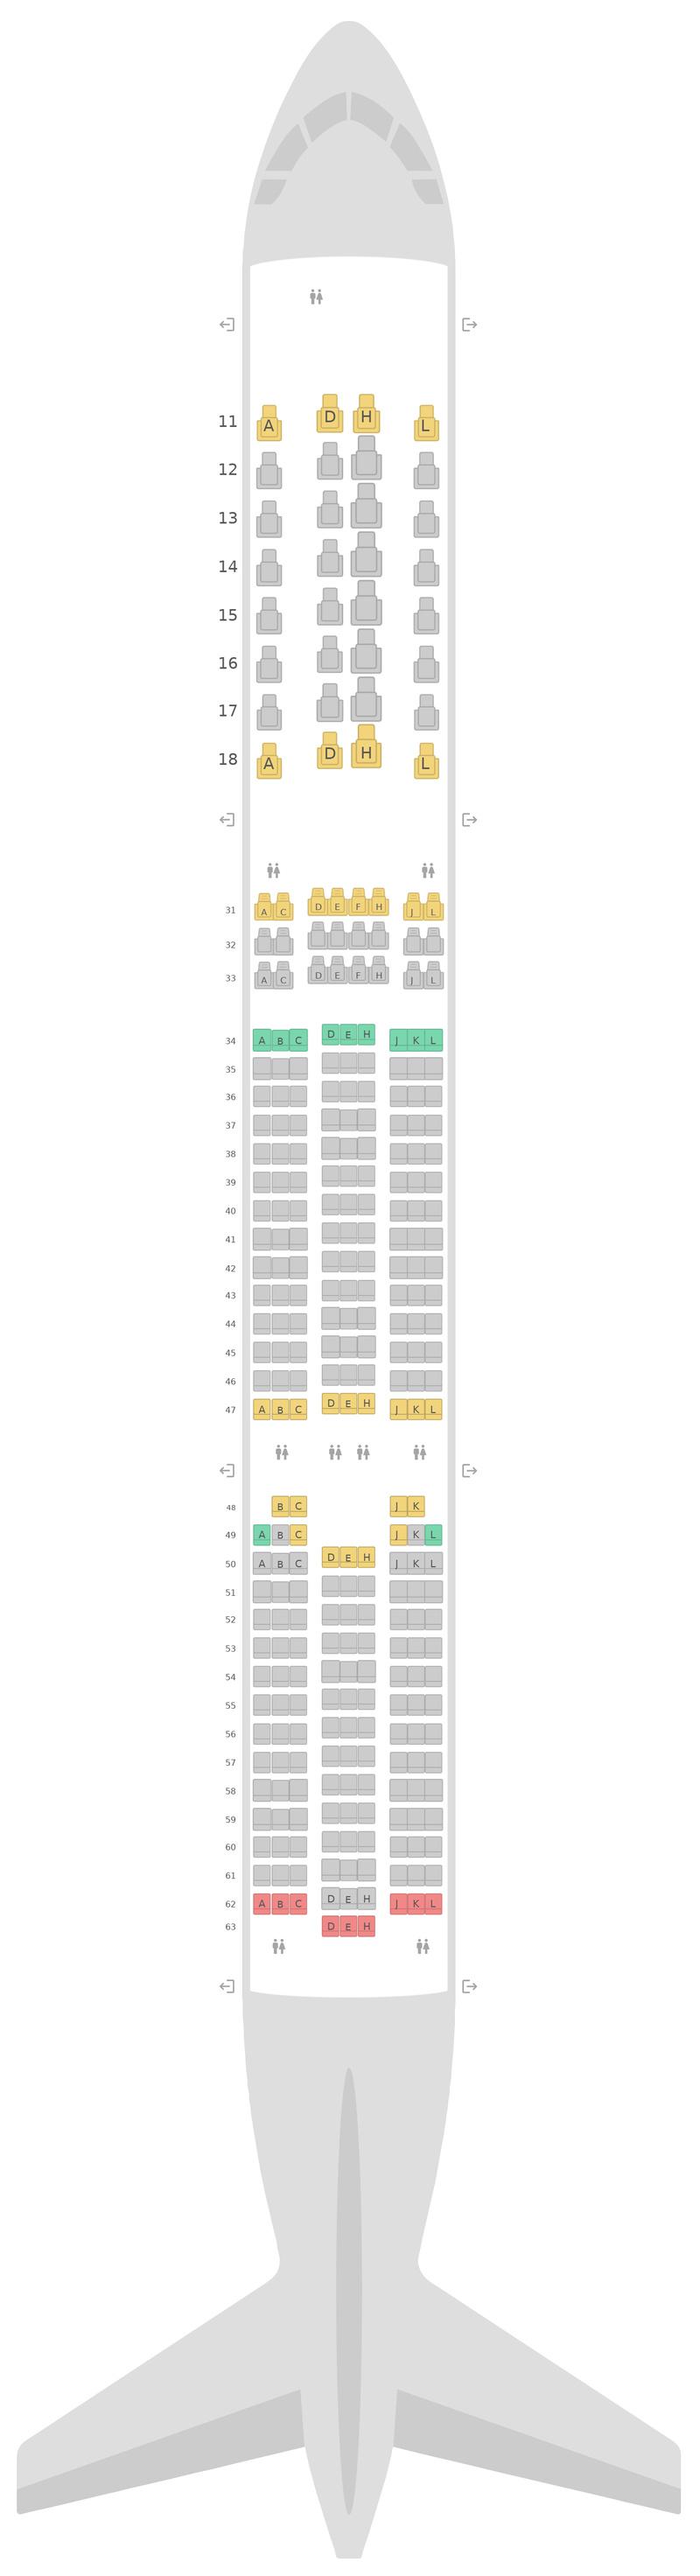 Seat Map Air China Airbus A350-900 (359)